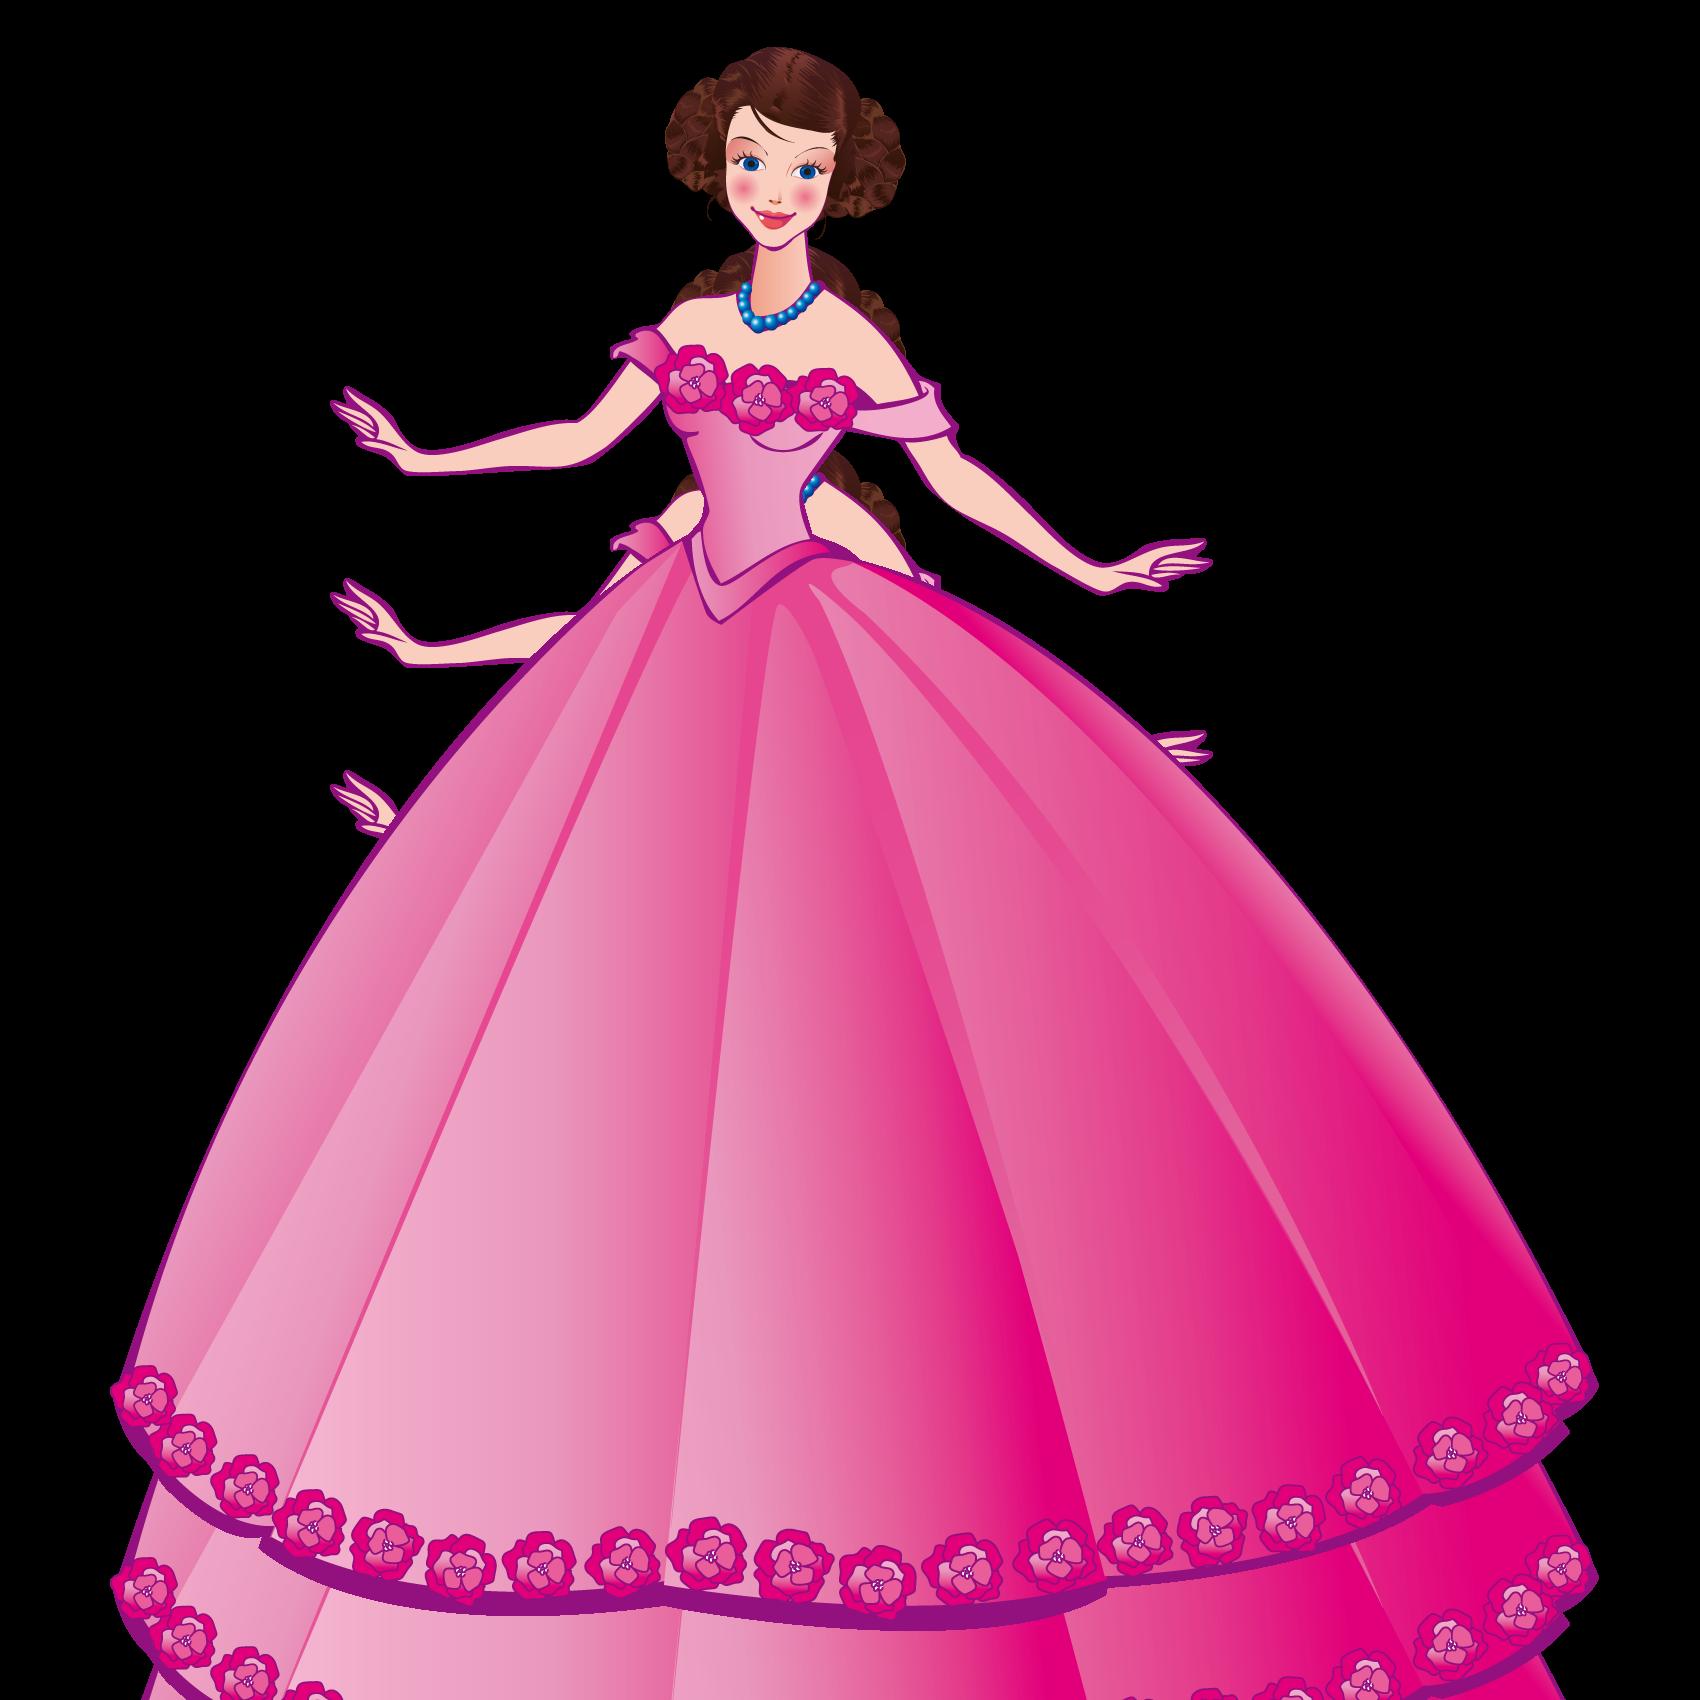 Coloriage princesse imprimer - Image de princesse ...